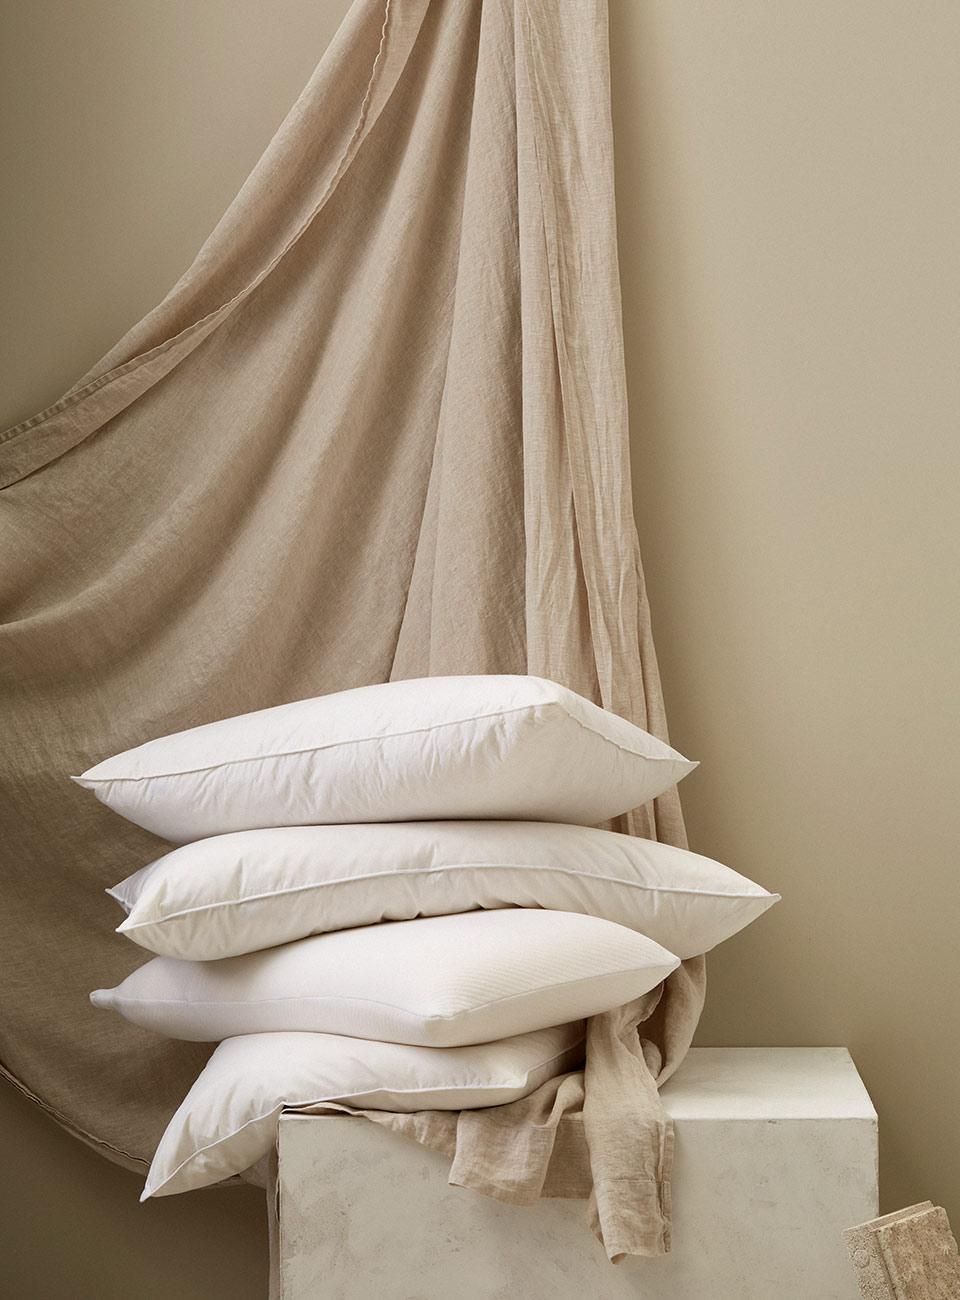 Fundas Sillas Comedor Zara Home E6d5 Ropa De Cama Y Textil Para Dormitorio Zara Home